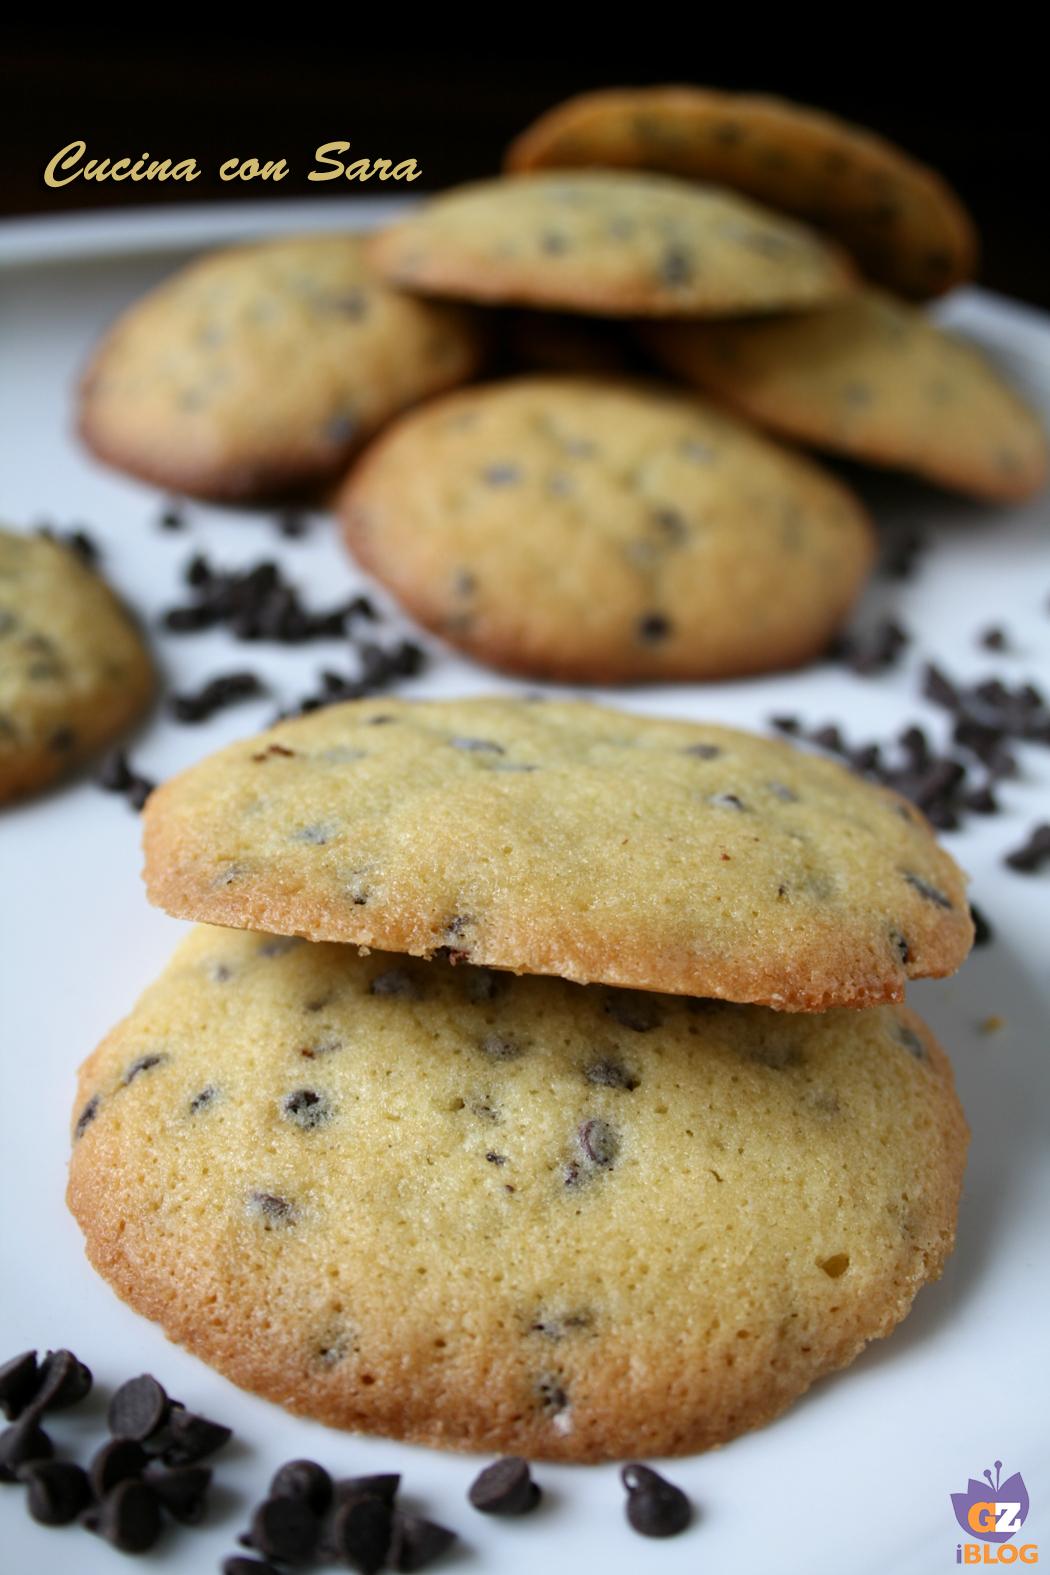 Cookies ricetta classica cucina con sara - Cucina con sara ...